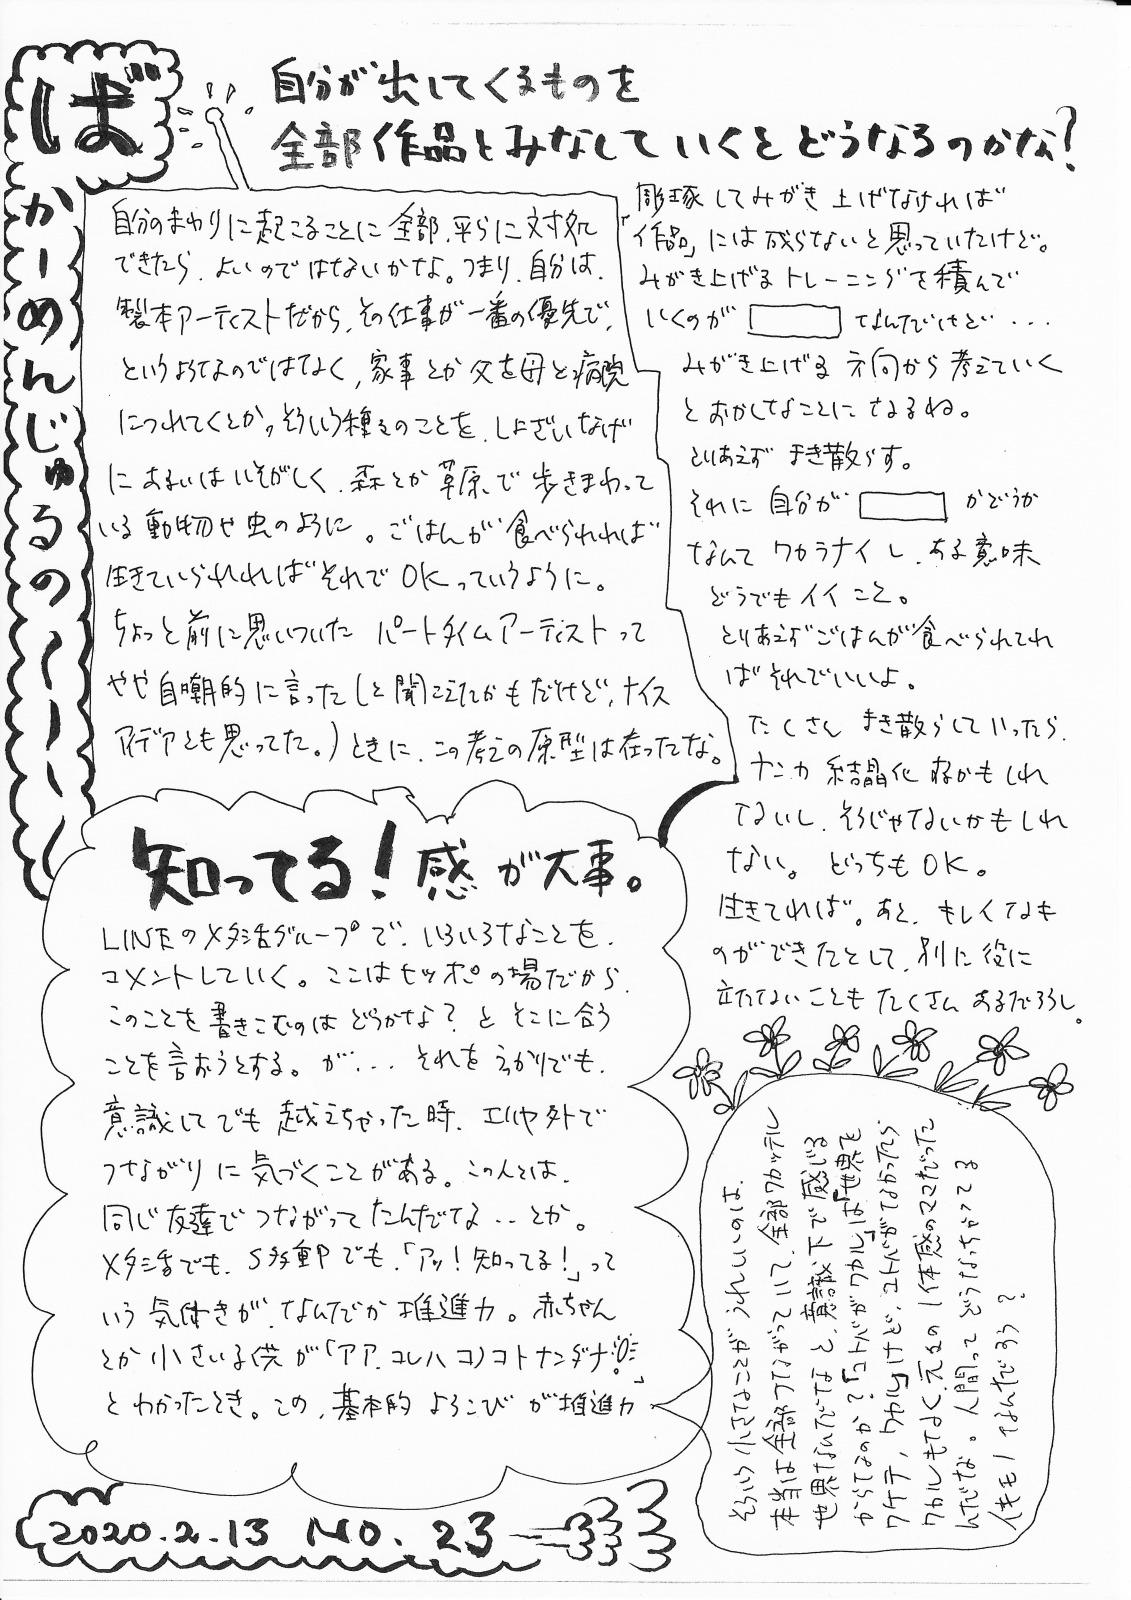 http://yoyamazaki.jp/blog/blog/%E3%81%B0%E3%81%8B%E3%83%BC%E3%82%81%E3%82%93%E3%81%98%E3%82%85%E3%82%8B%E3%81%AE23.jpg